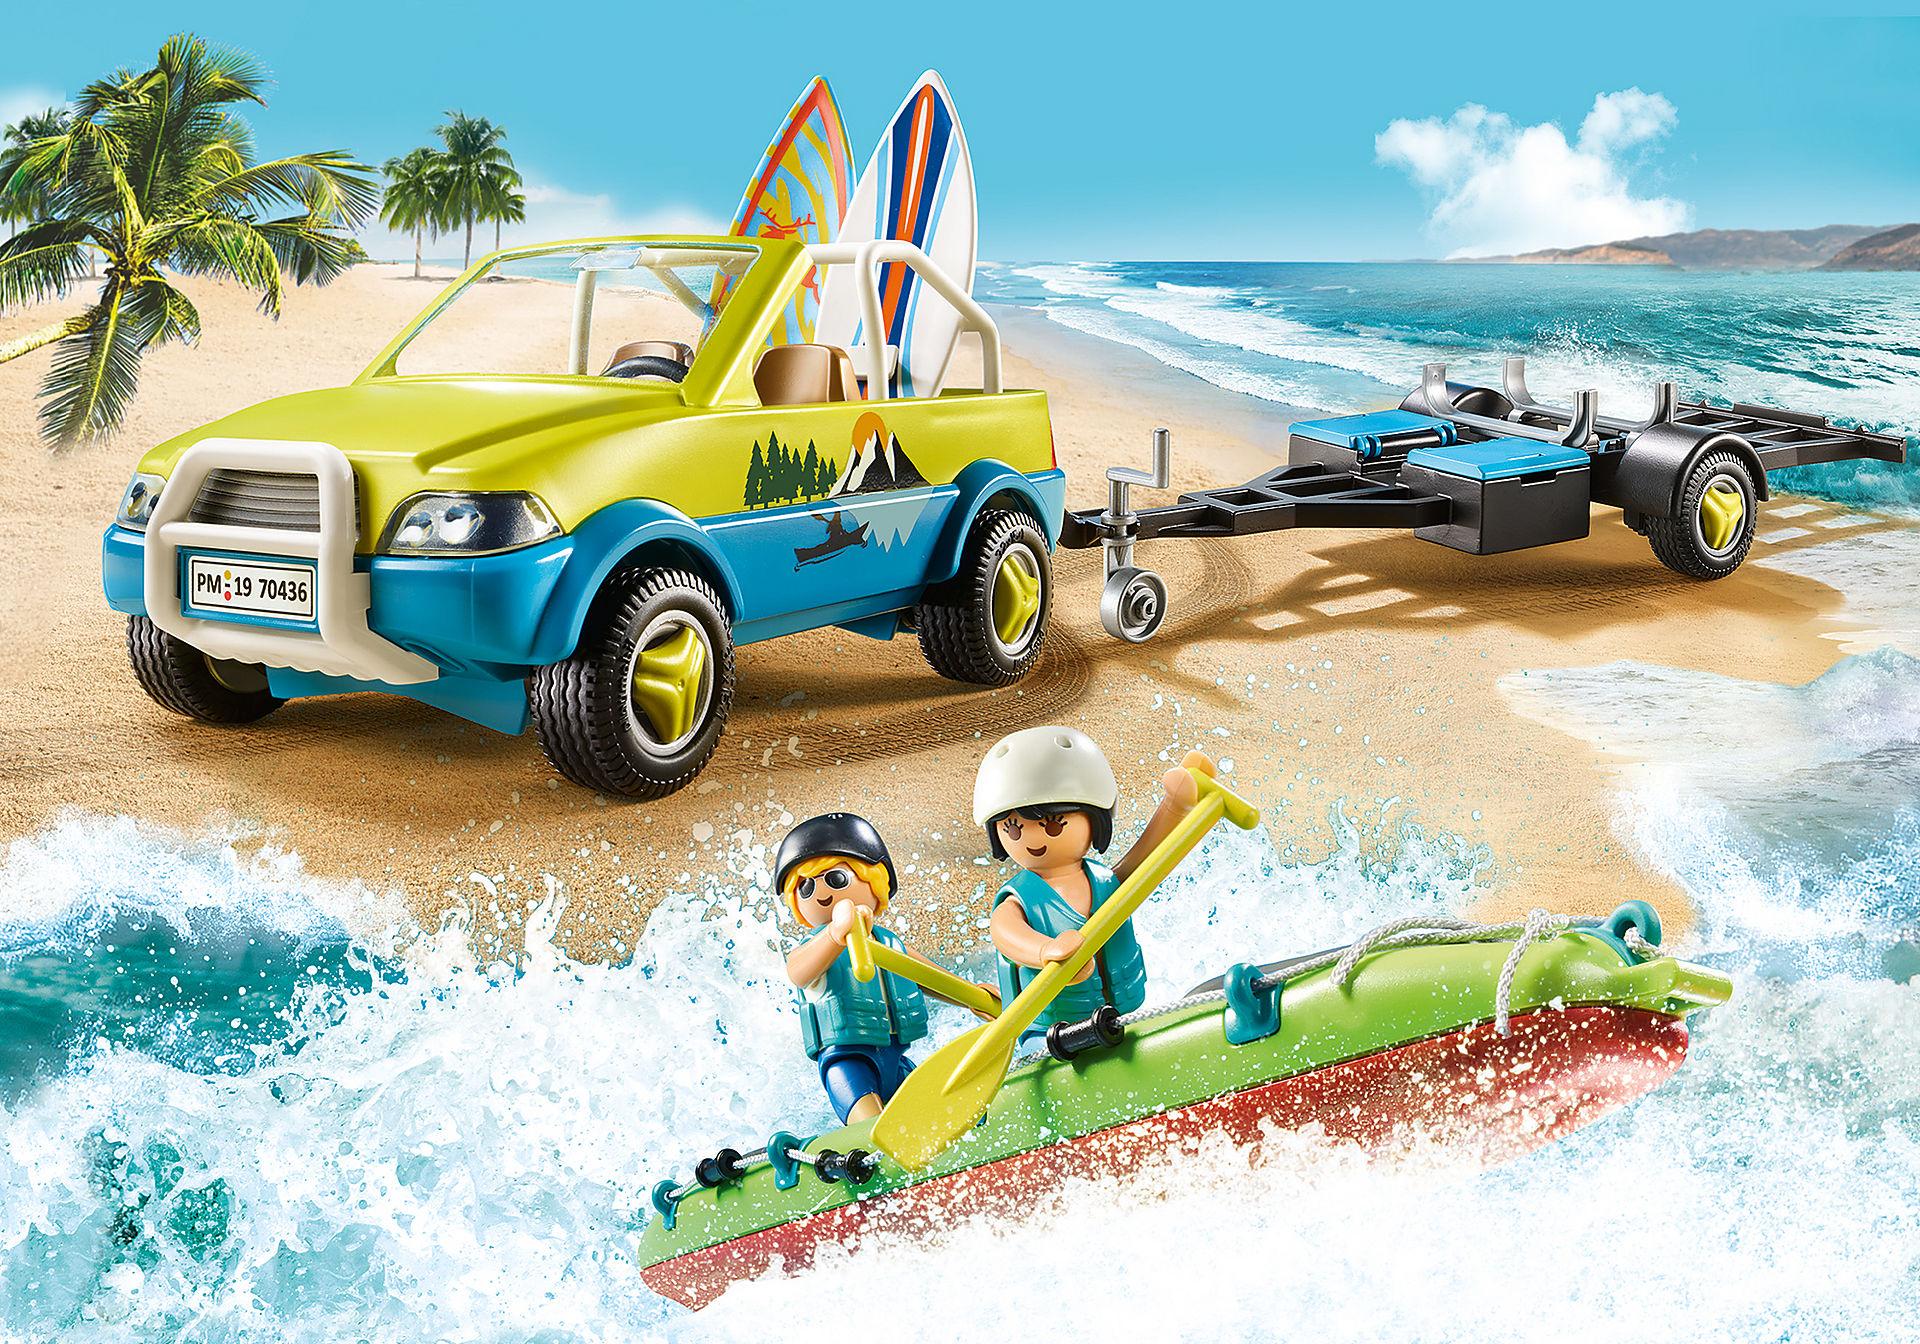 70436 Strandwagen met kano's zoom image1